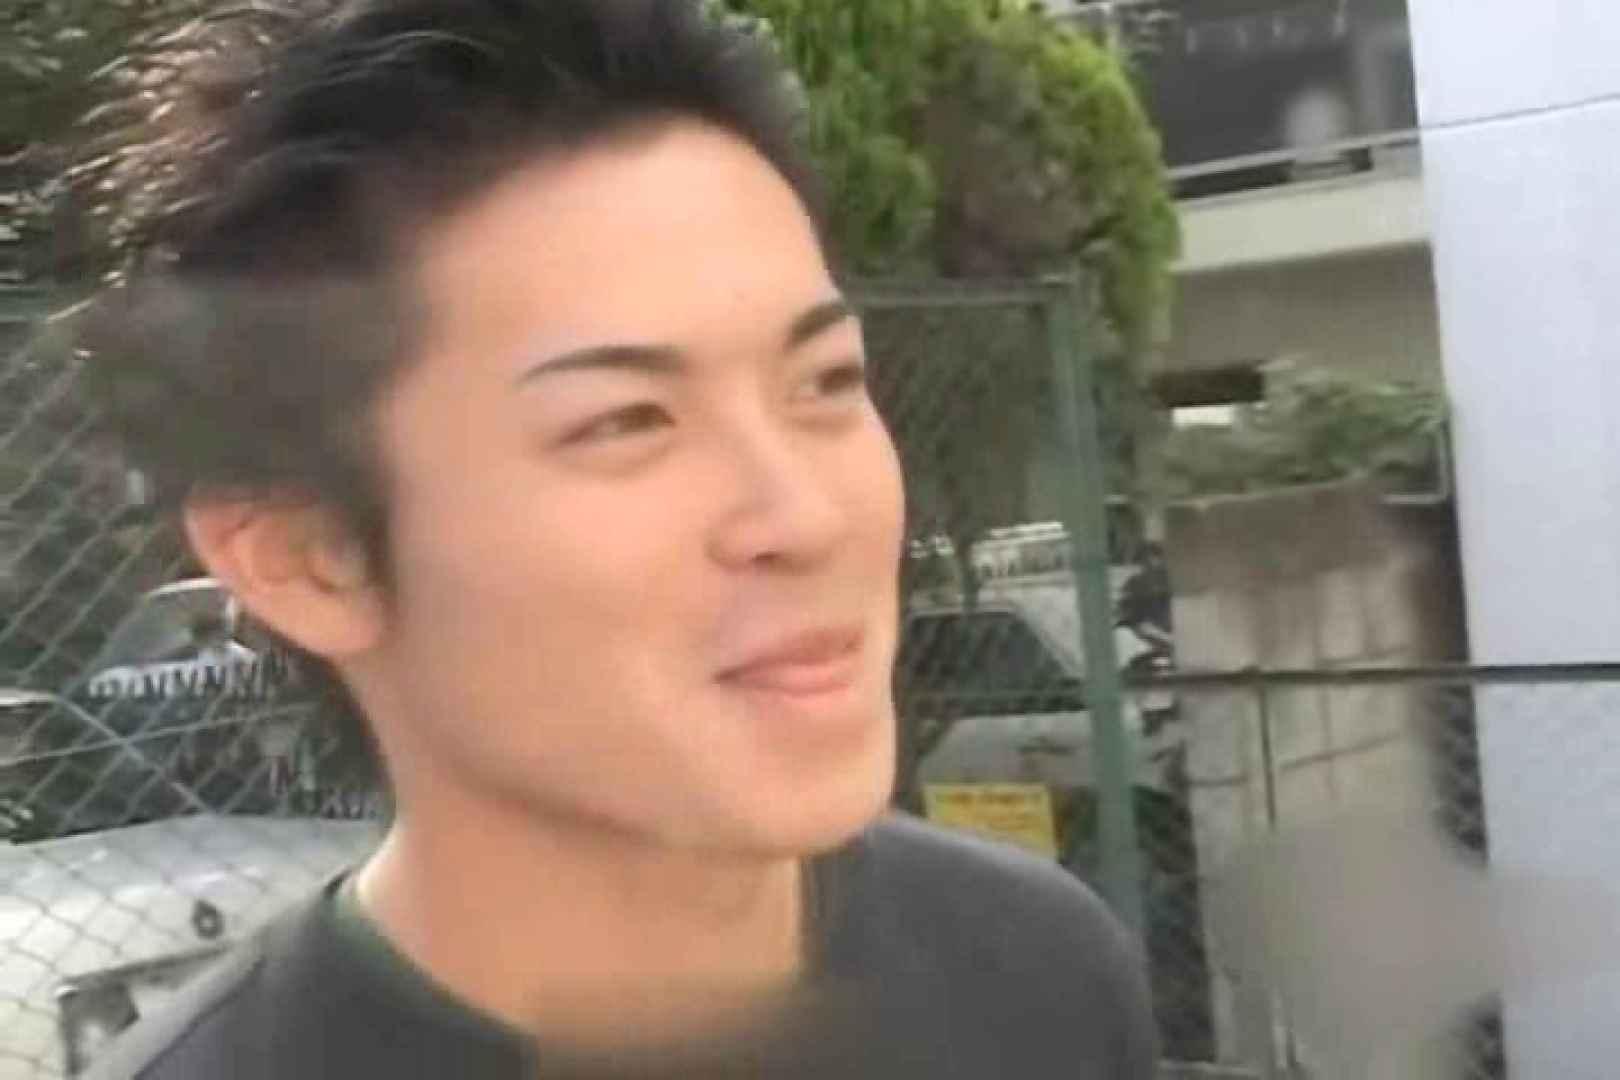 体育会系もっこり競技会file.12 ガチムチマッチョ系男子 男同士動画 81枚 45